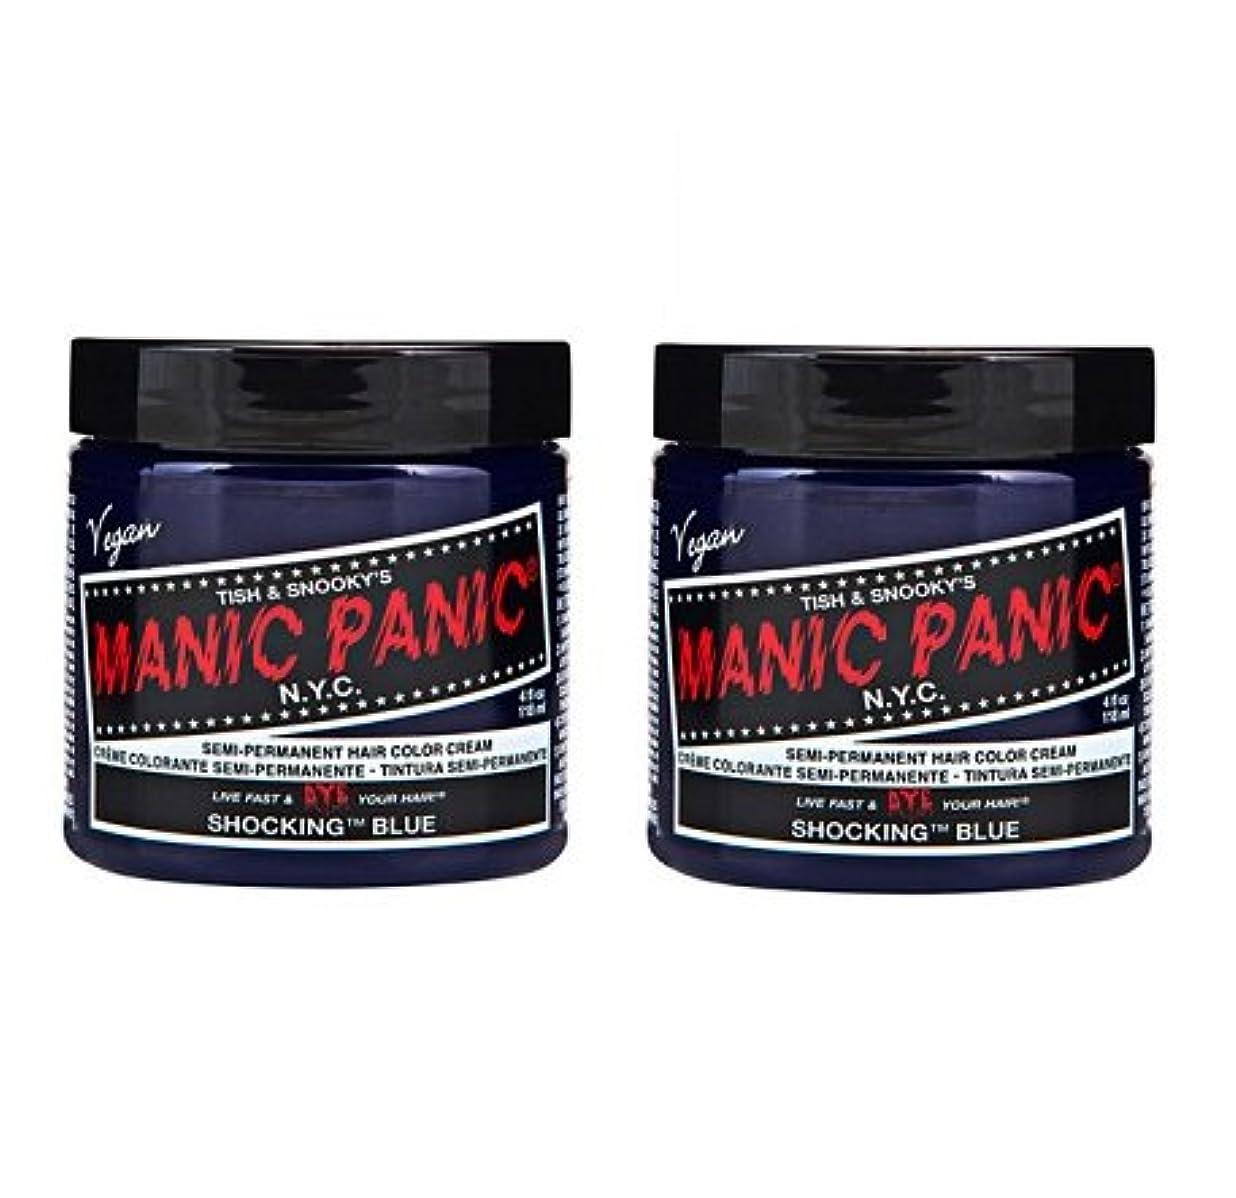 区マルクス主義者感謝する【2個セット】MANIC PANIC マニックパニック Shocking Blue ショッキングブルー 118ml